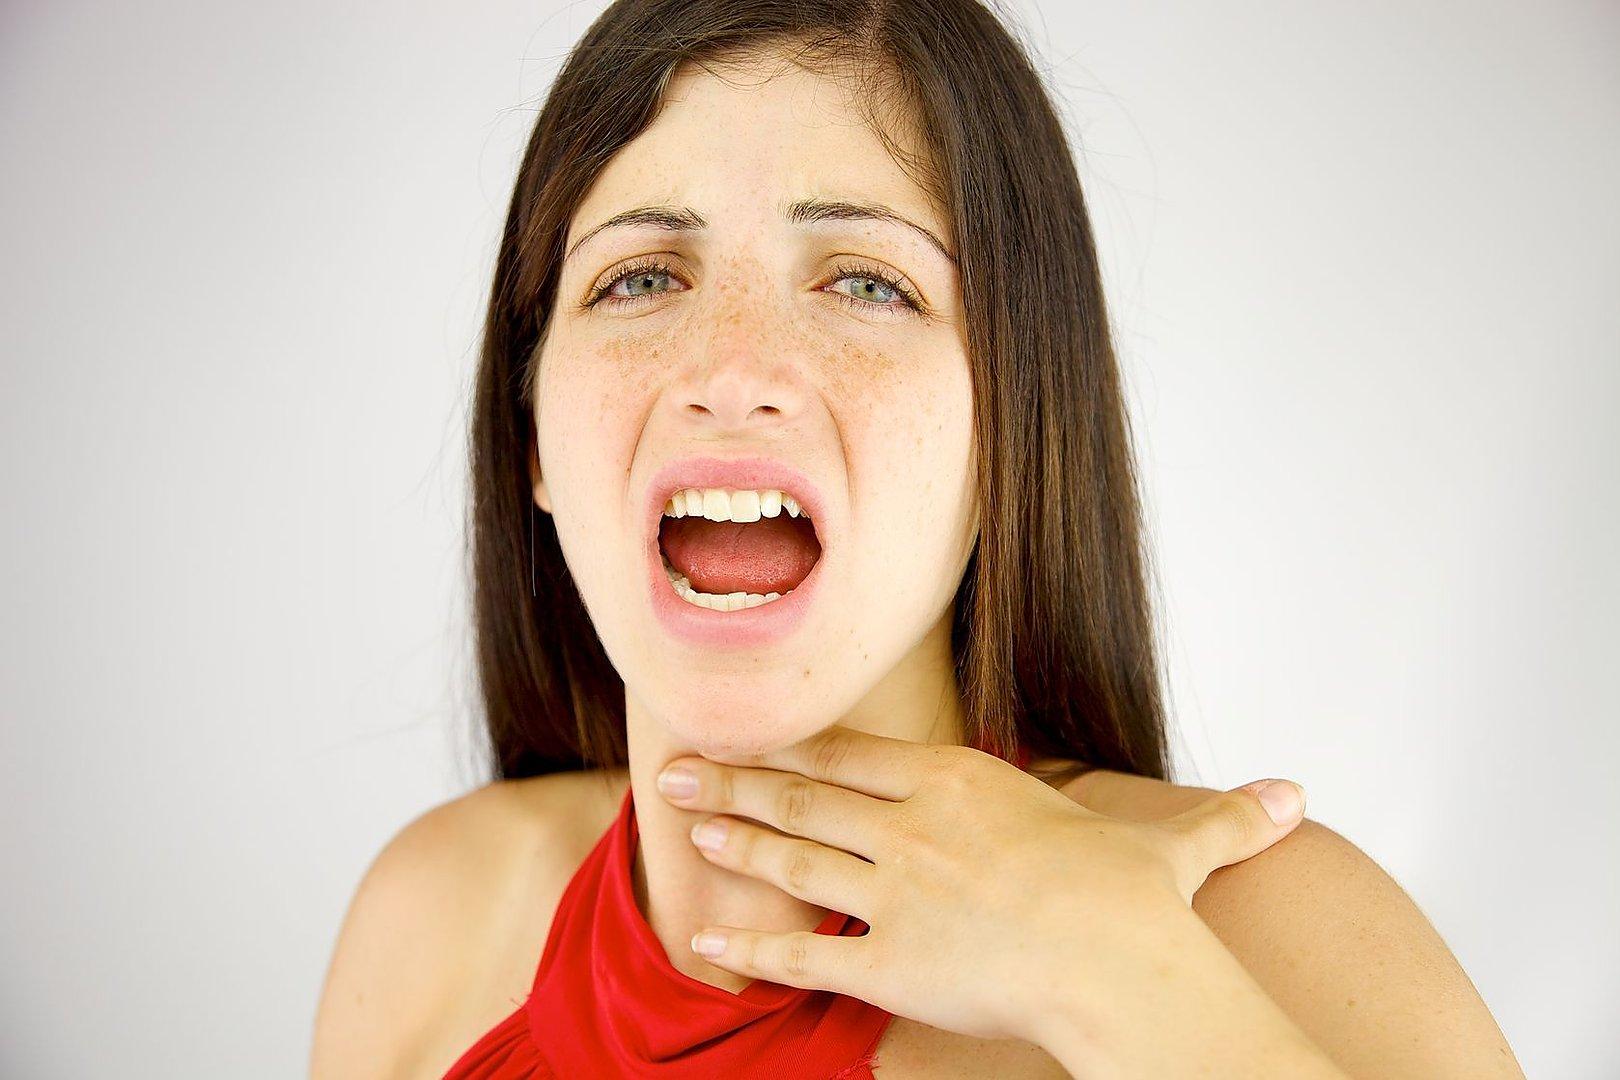 Fotos de garganta inflamada com pus 91